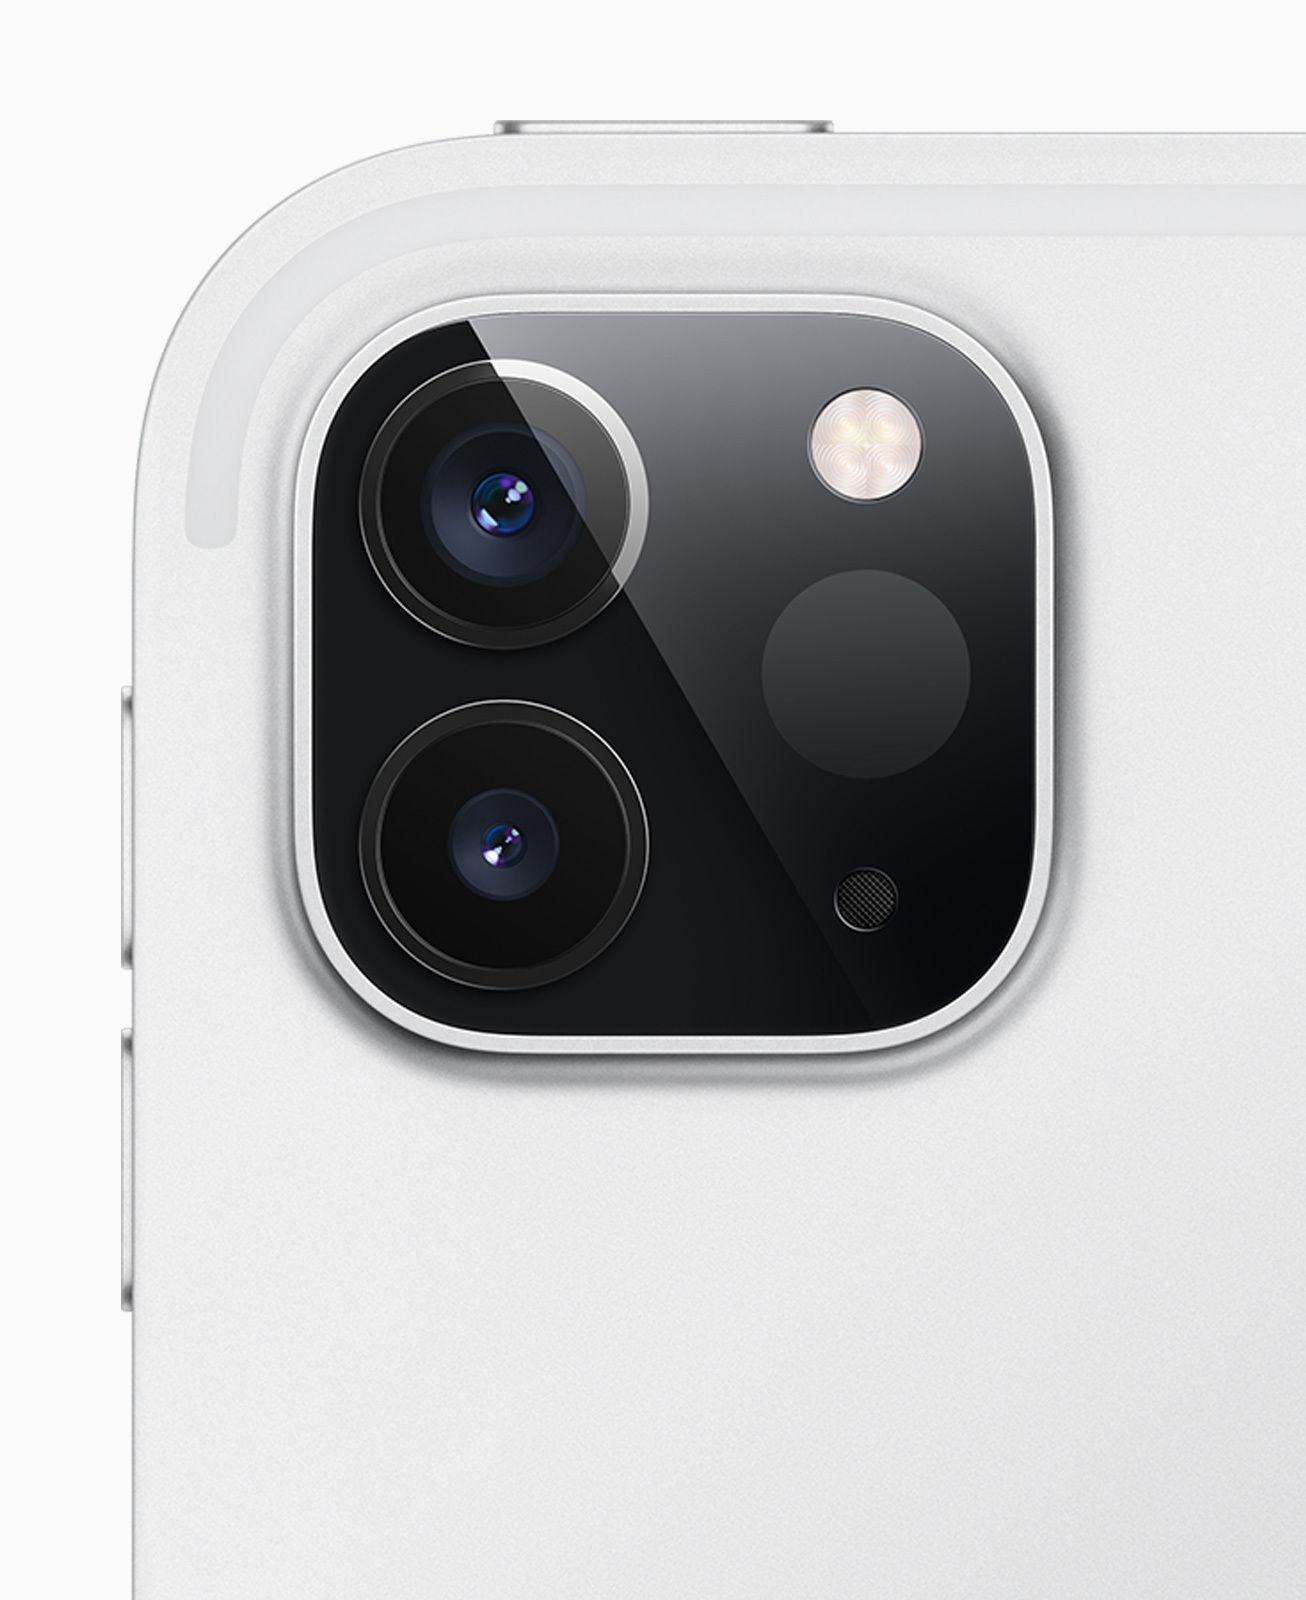 新款iPadPro来了,这一次有了浴霸摄像头和触摸板